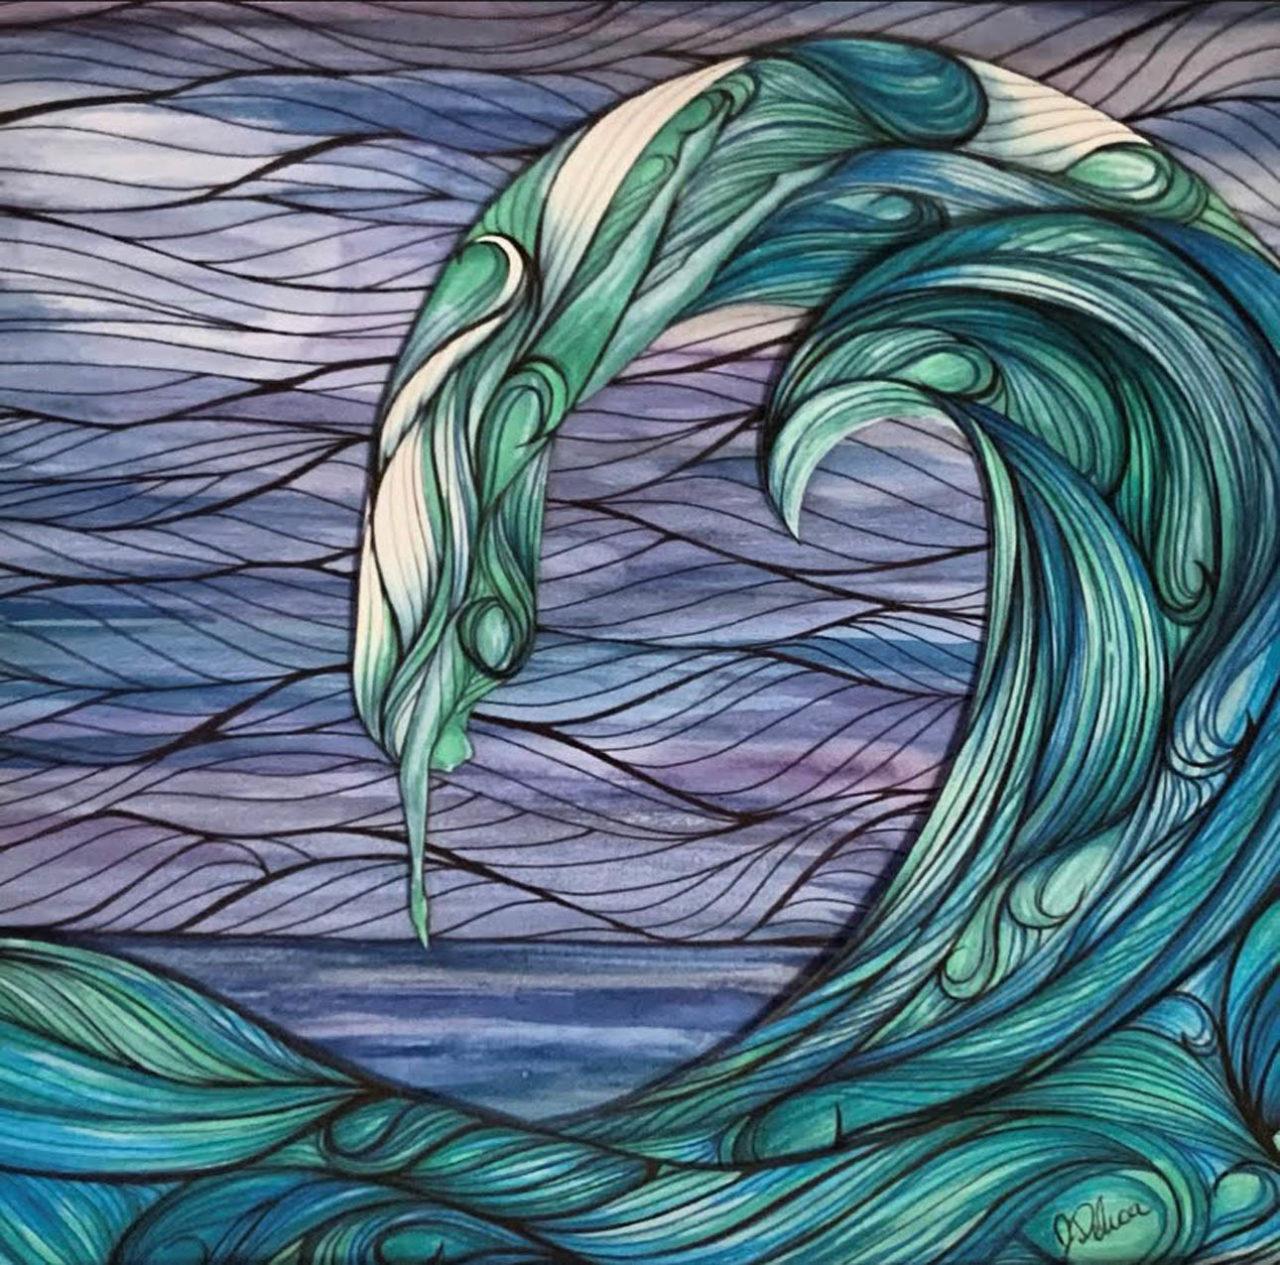 Goddess of Oceans - Jillian DeLuca